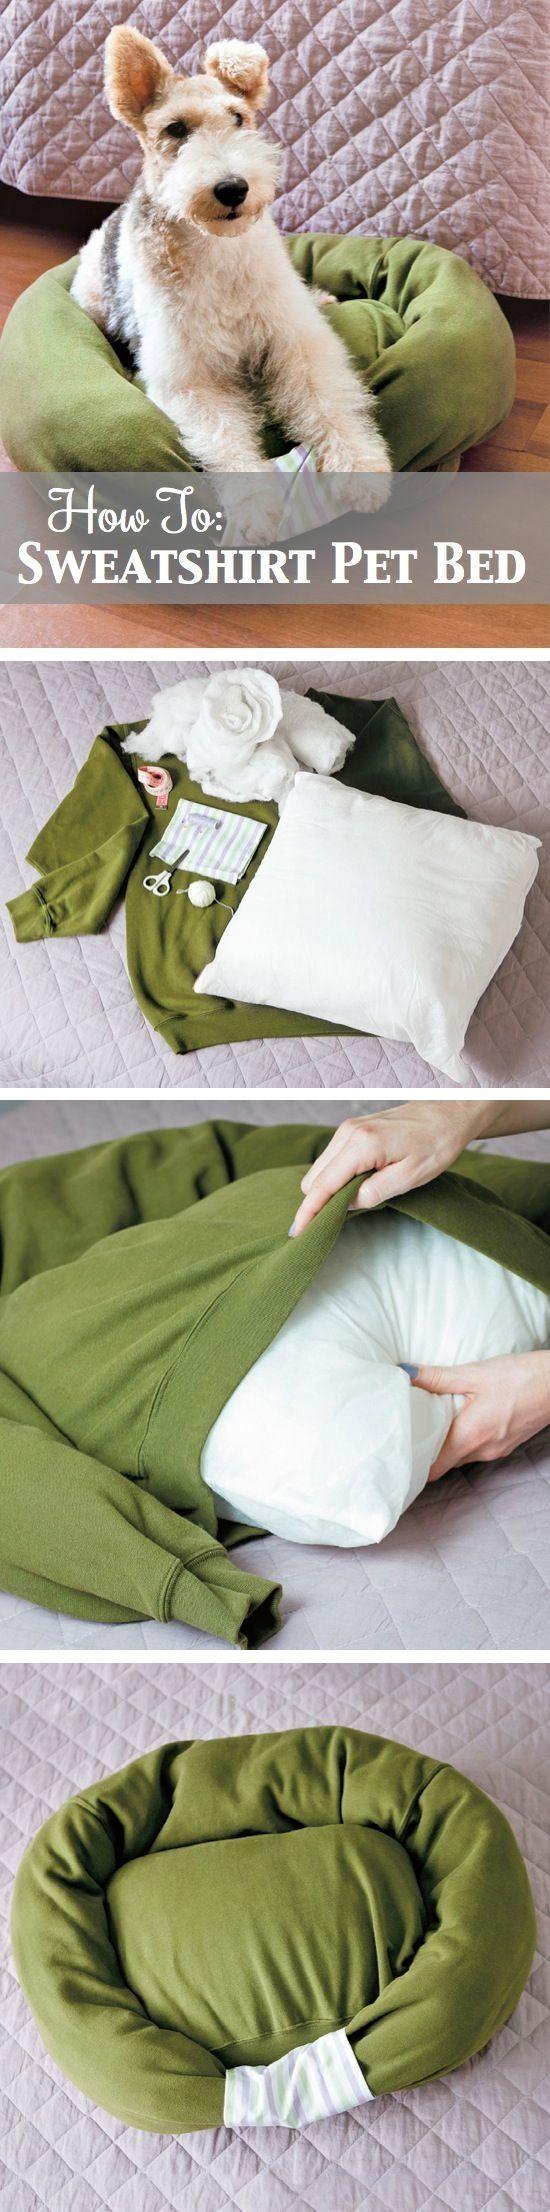 Sweatshirt pet bed